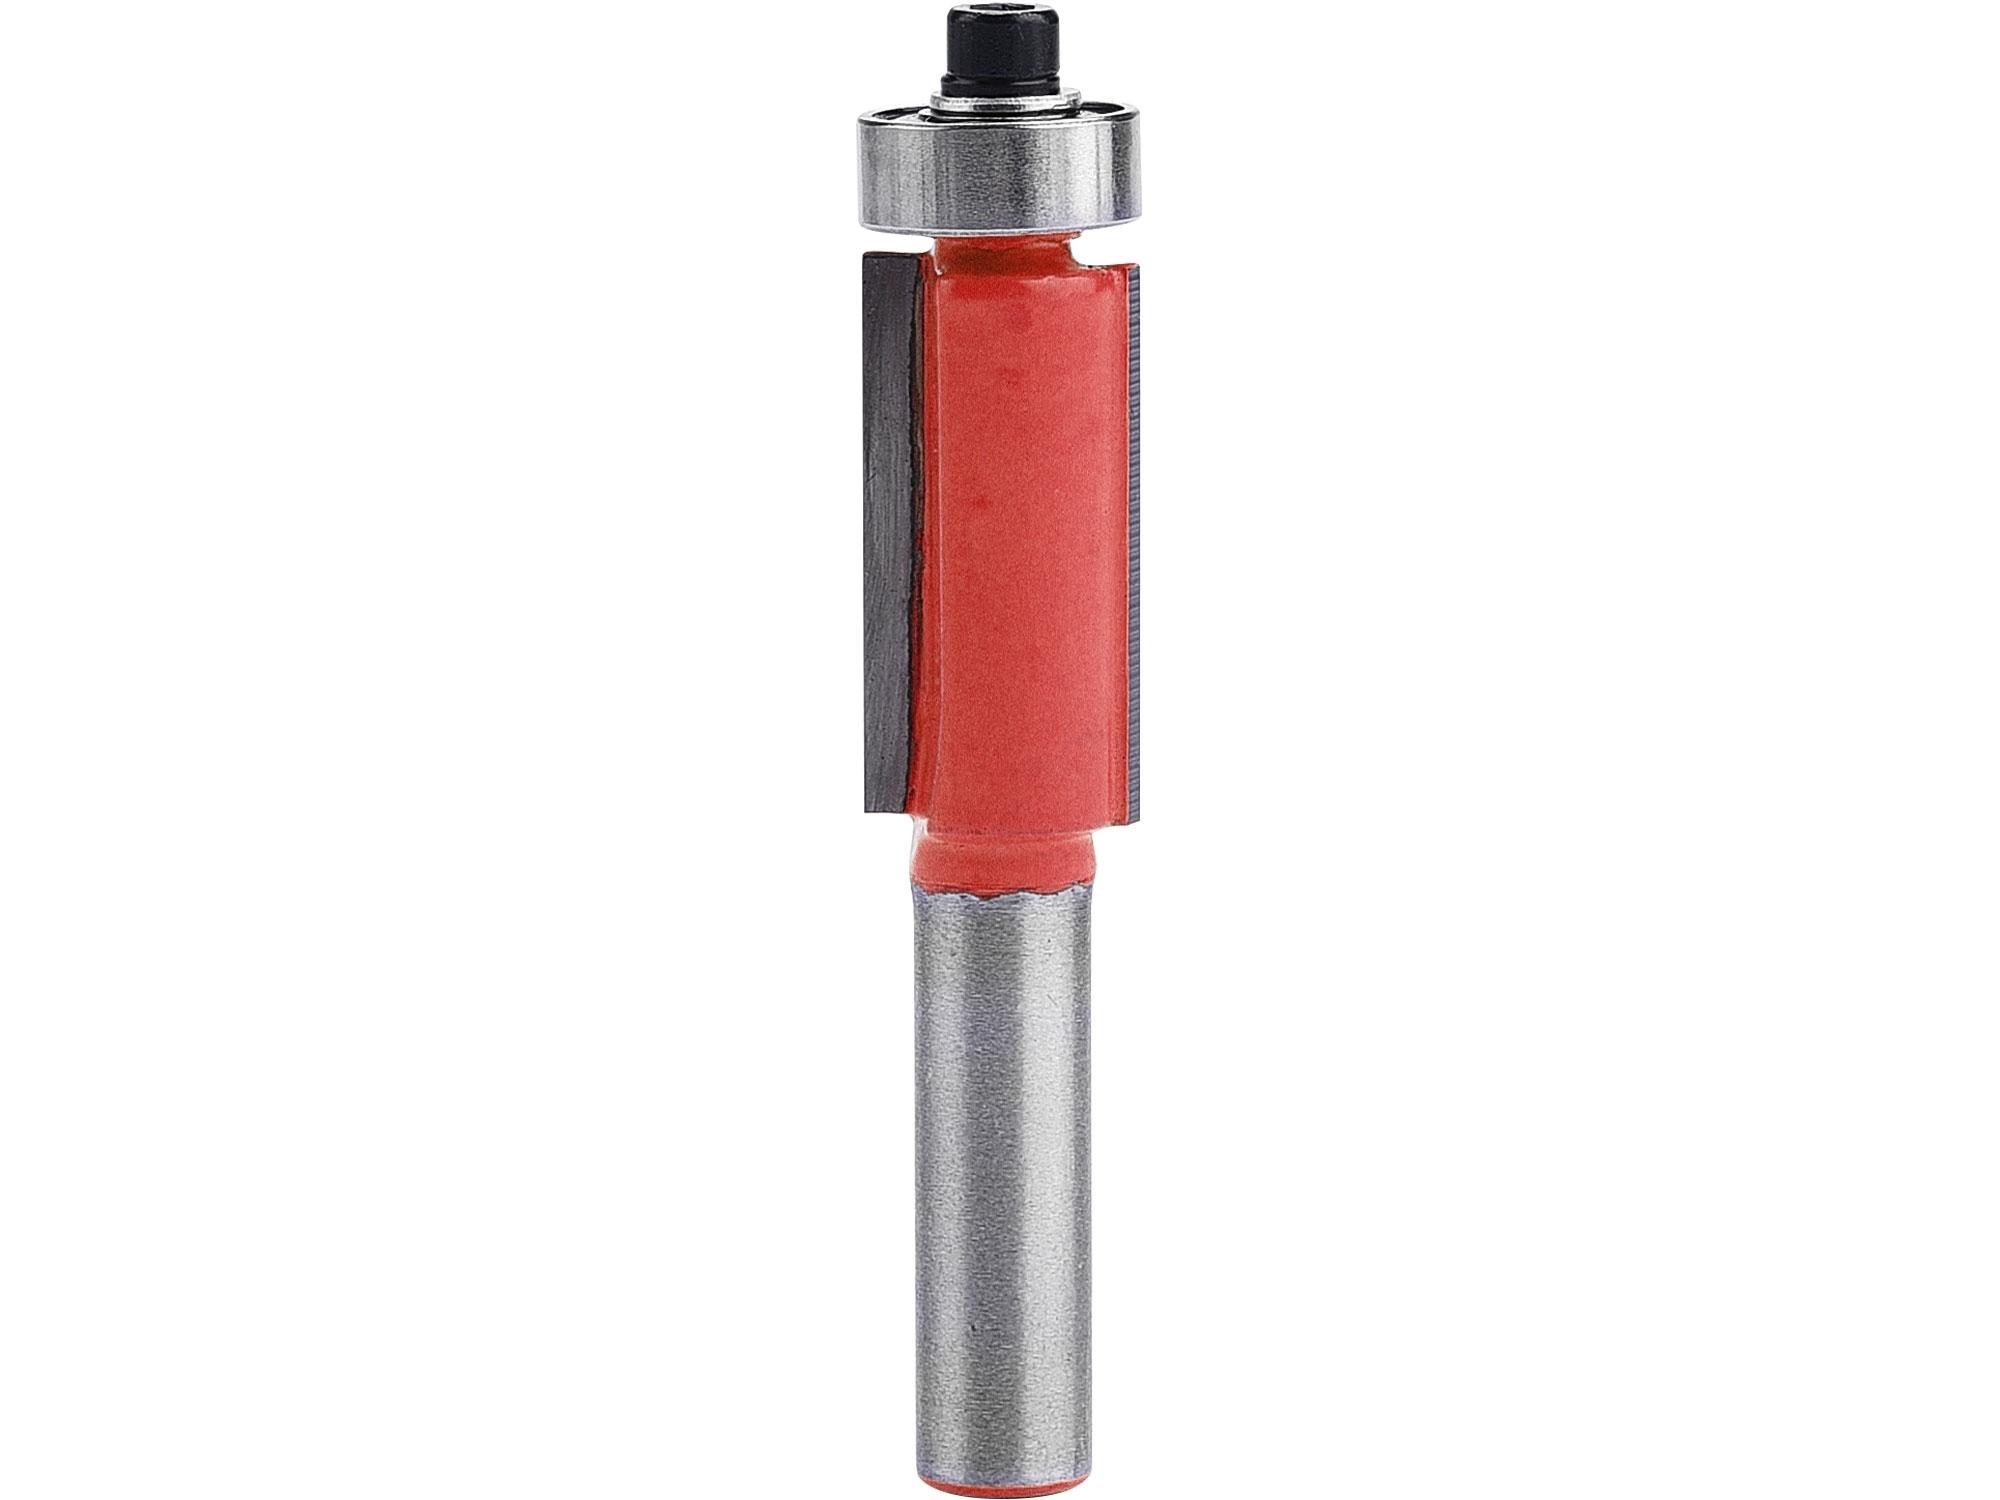 fréza ořezávací do dřeva, D12,7xH25, stopka 8mm